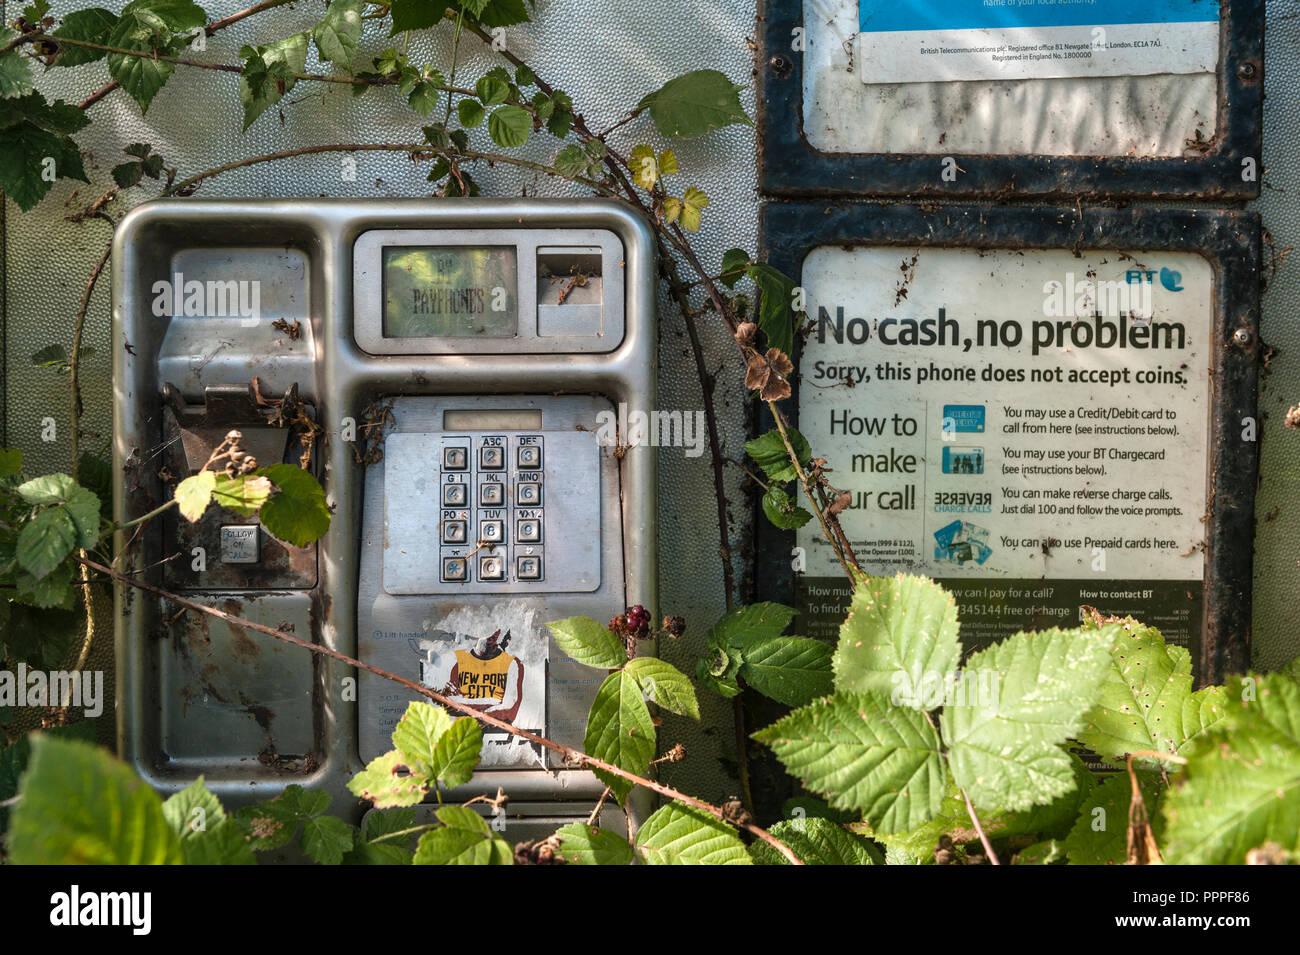 Abandoned roadside phone box overgrown with brambles, Herefordshire, UK - Stock Image